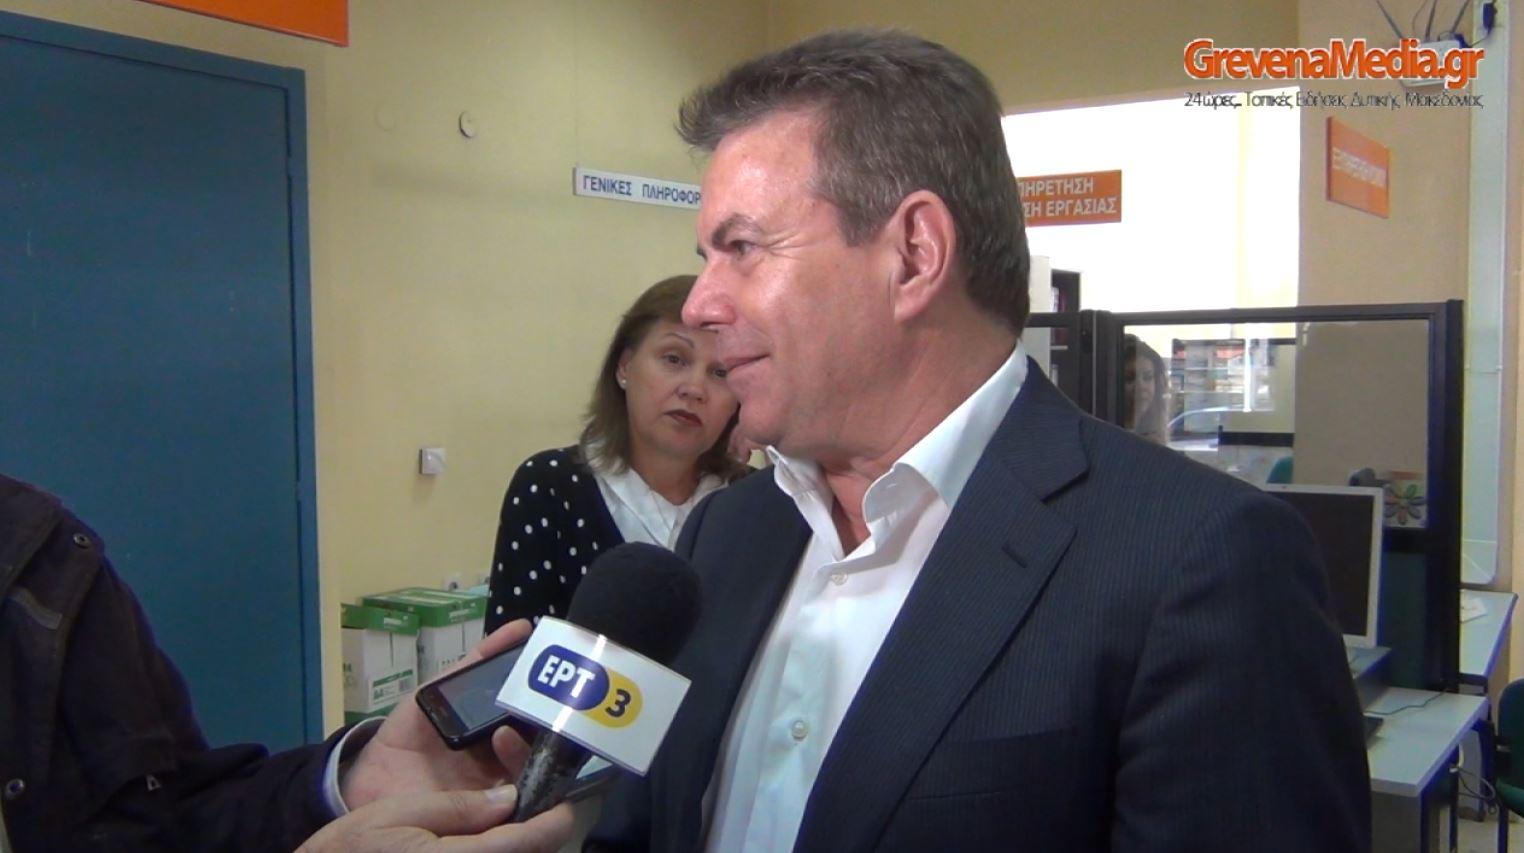 Επίσκεψη υφυπουργού εργασίας Τ.Πετρόπουλου στα Γρεβενά (Βίντεο)